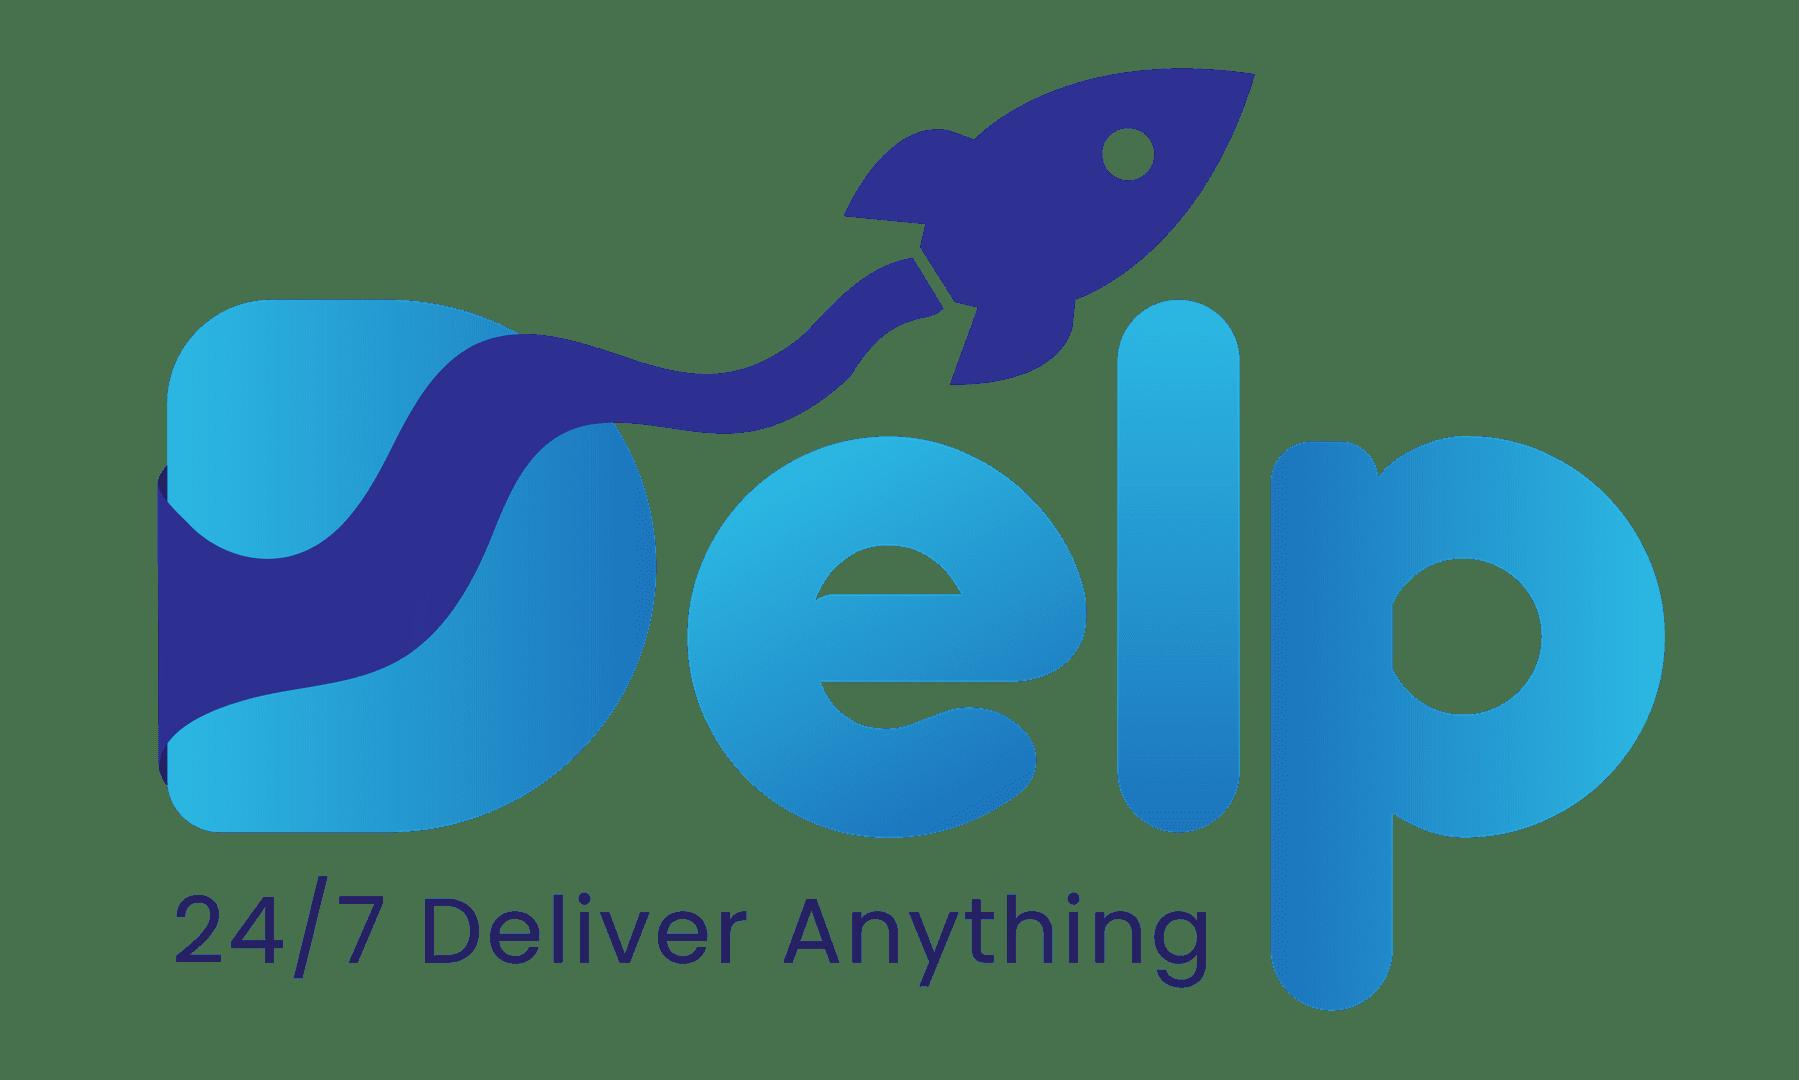 Delp logo